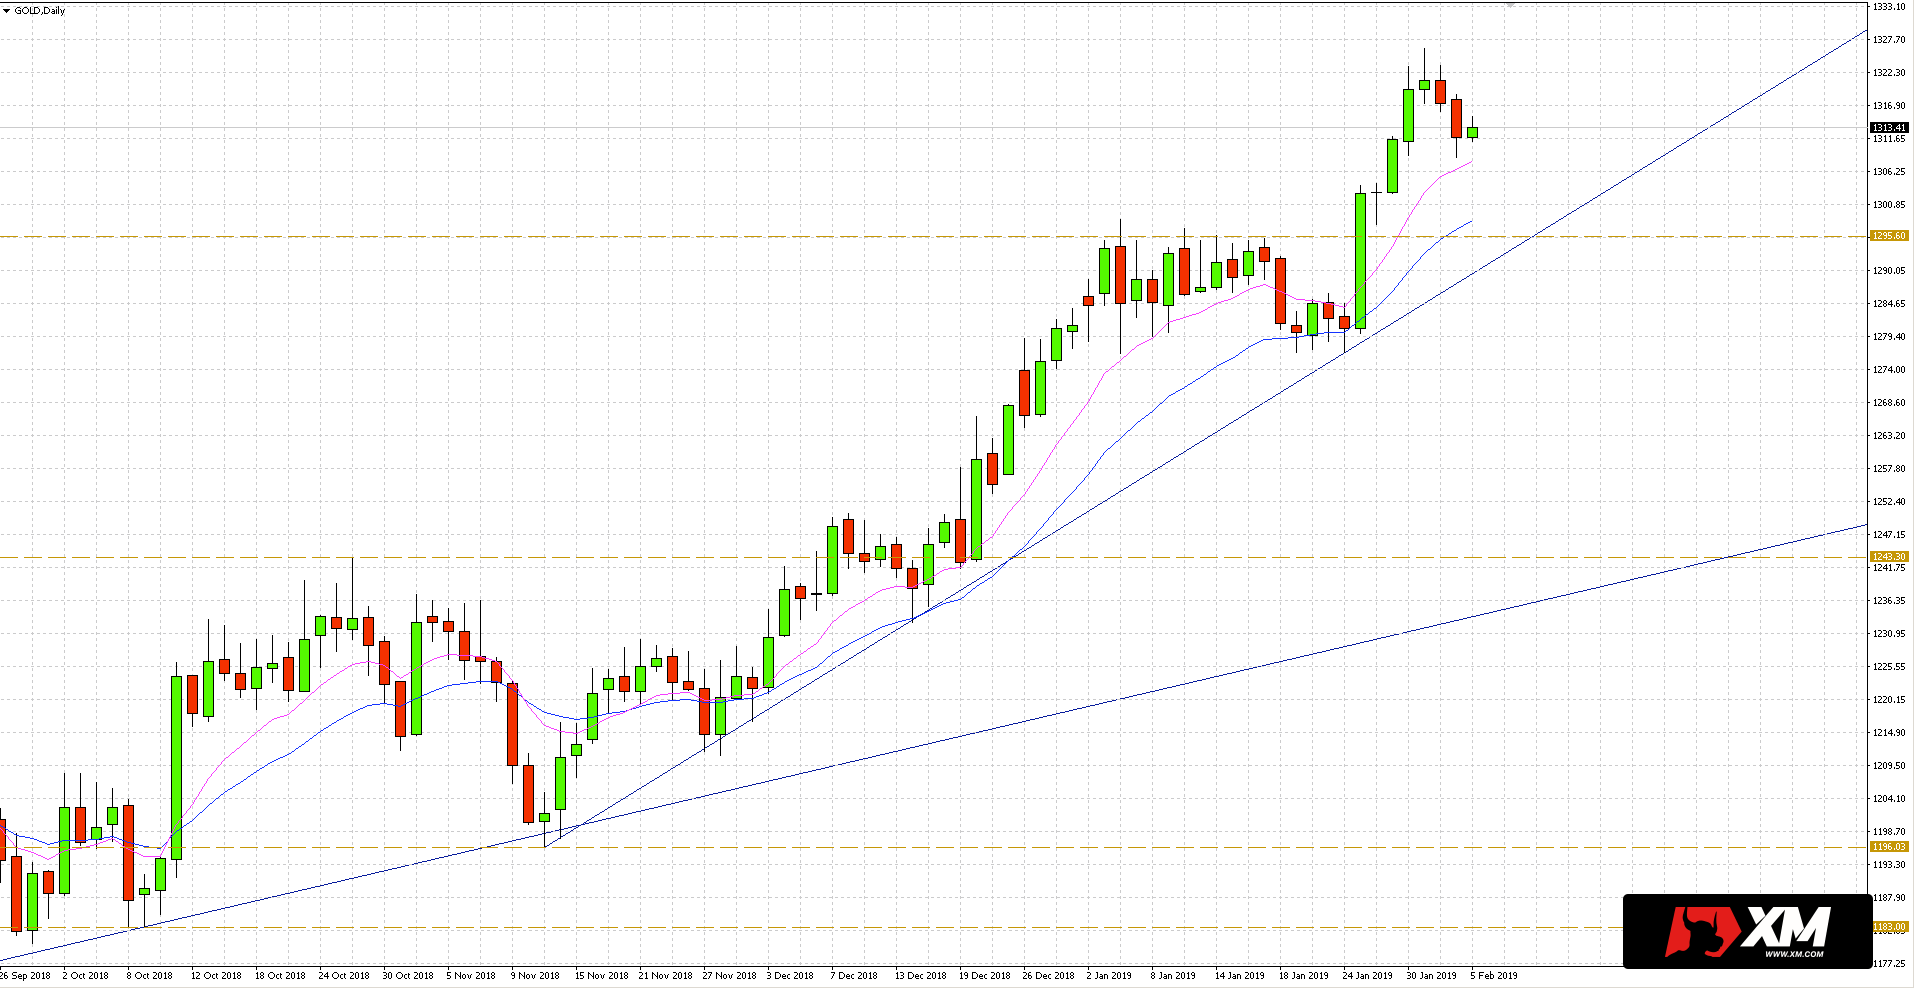 Cena złota w relacja w dolara porusza się w trendzie wzrostowym, gdzie dołki i szczyty ustanawiane są na coraz wyższych poziomach.